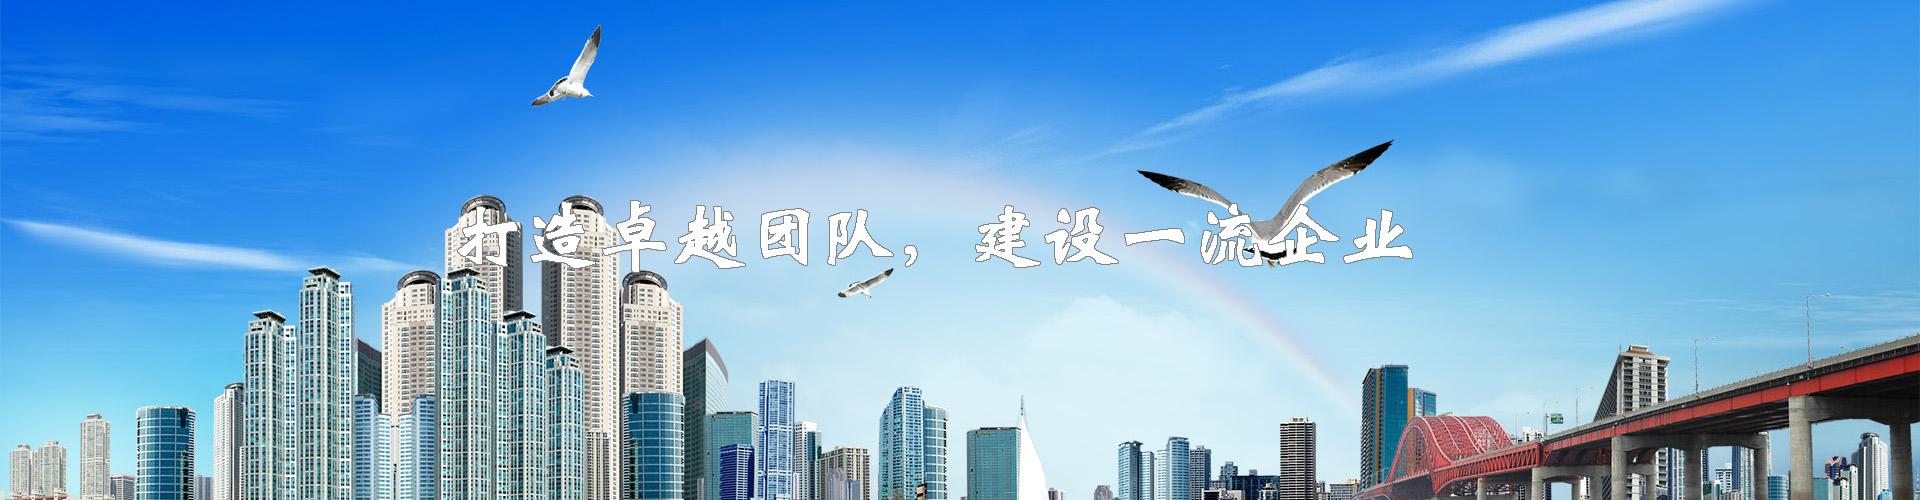 合肥中辰轻工机械-banner1